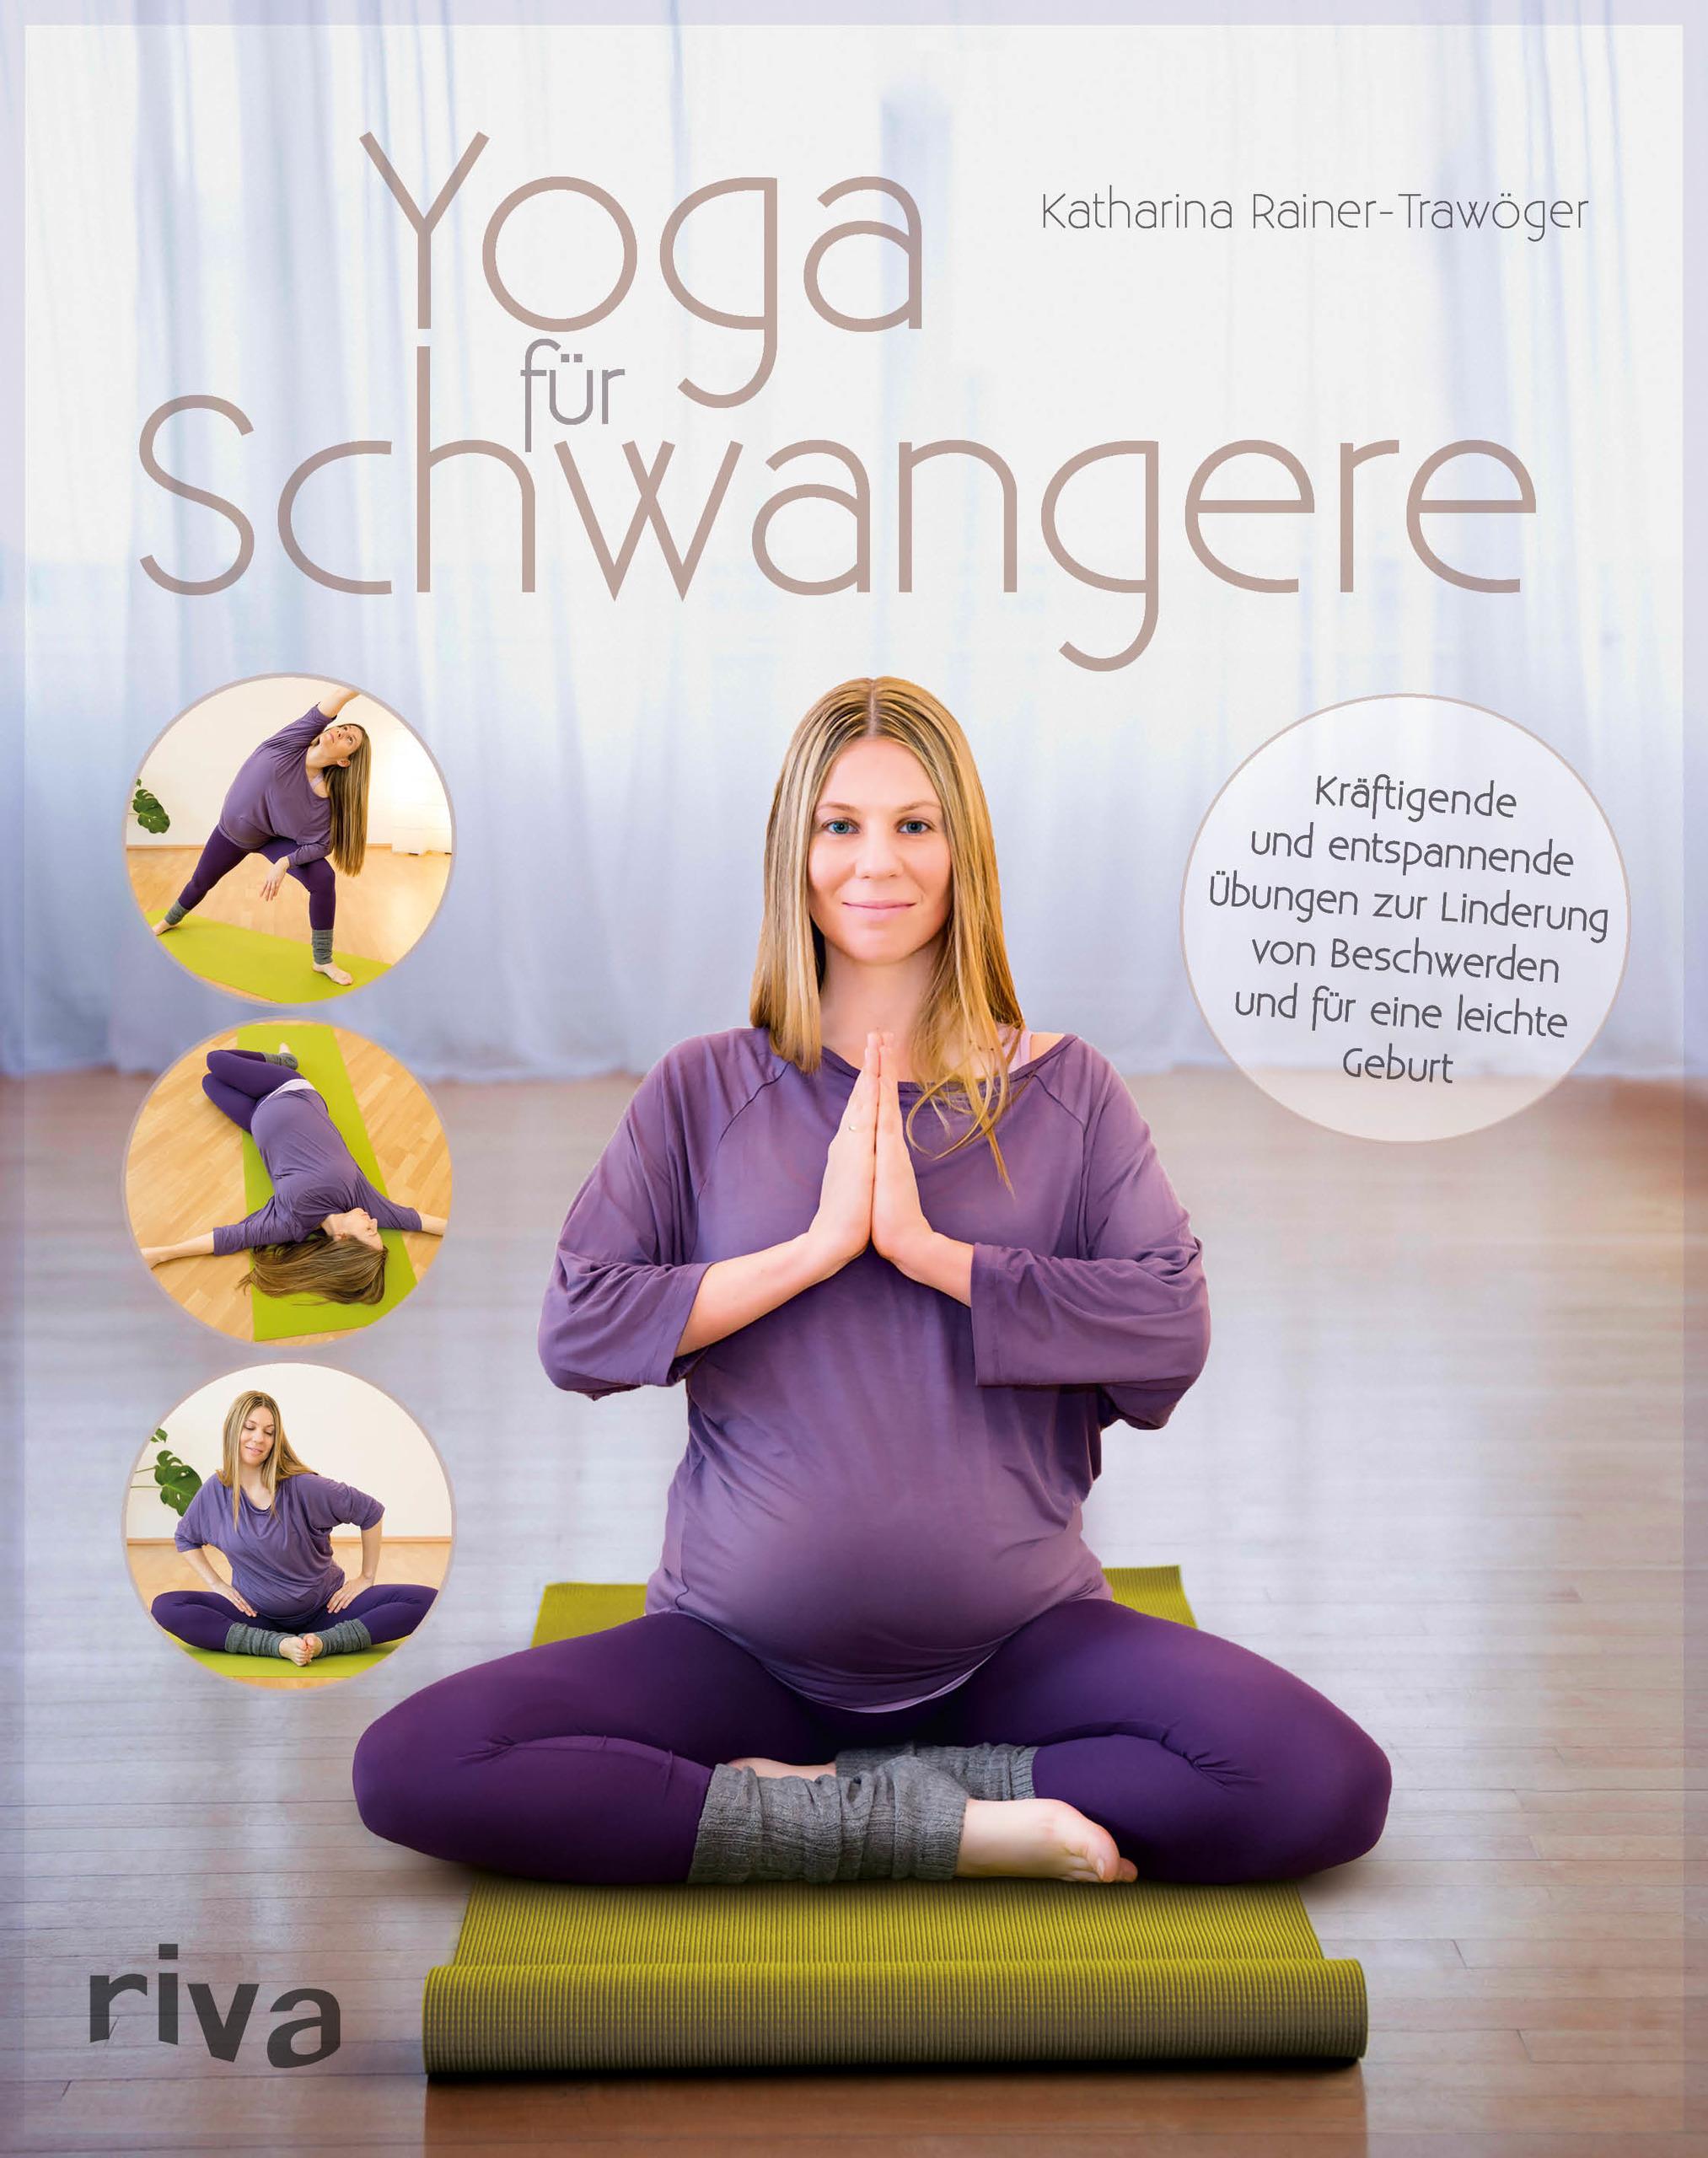 Yoga F 252 R Schwangere Kr 228 Ftigende Und Entspannende 220 Bungen